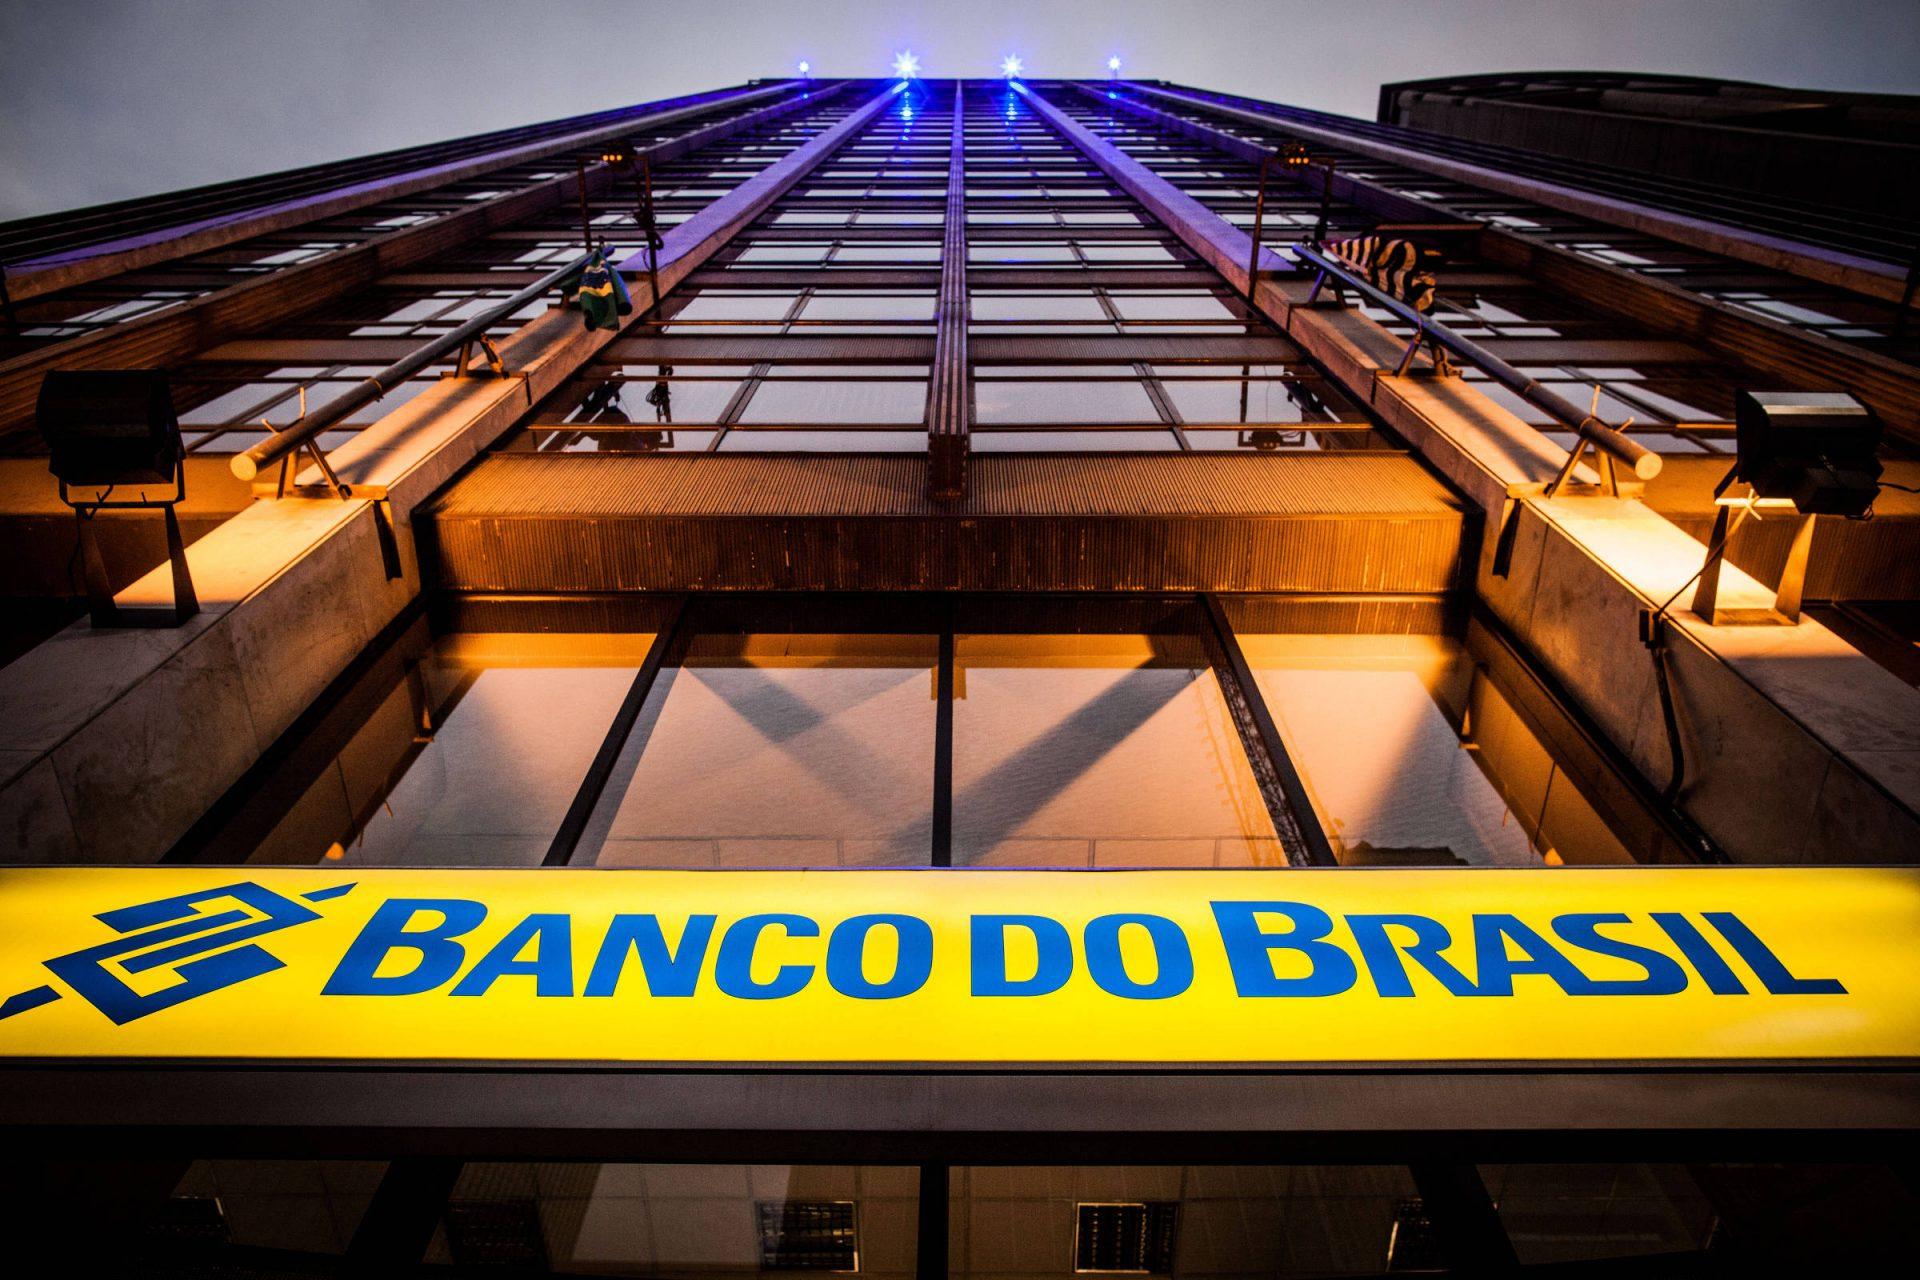 O Banco do Brasil é a instituição financeira mais antiga do país